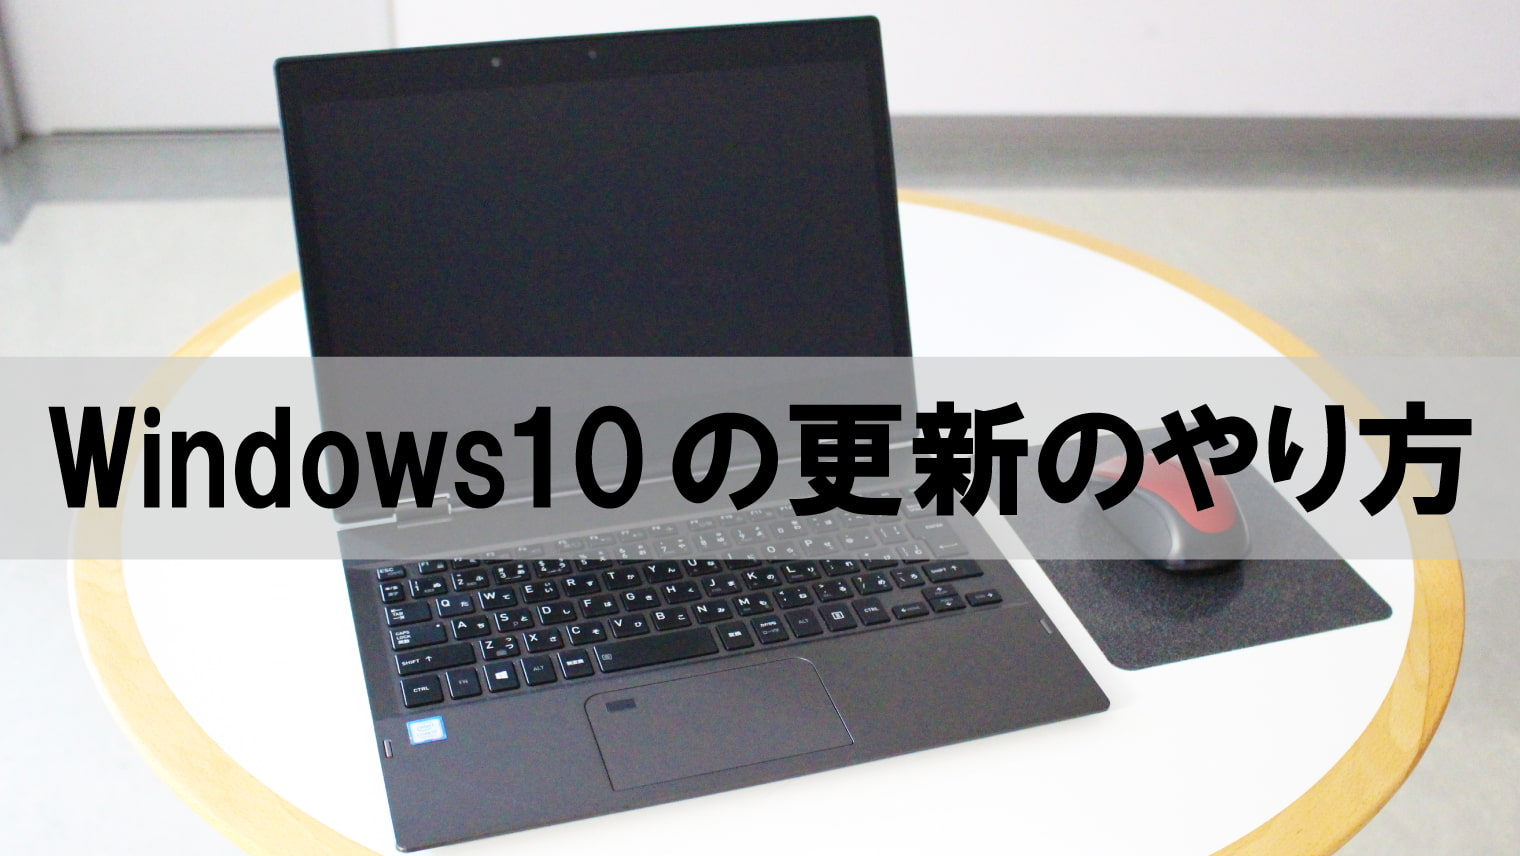 Windows10の更新のやり方【初心者でもわかる】